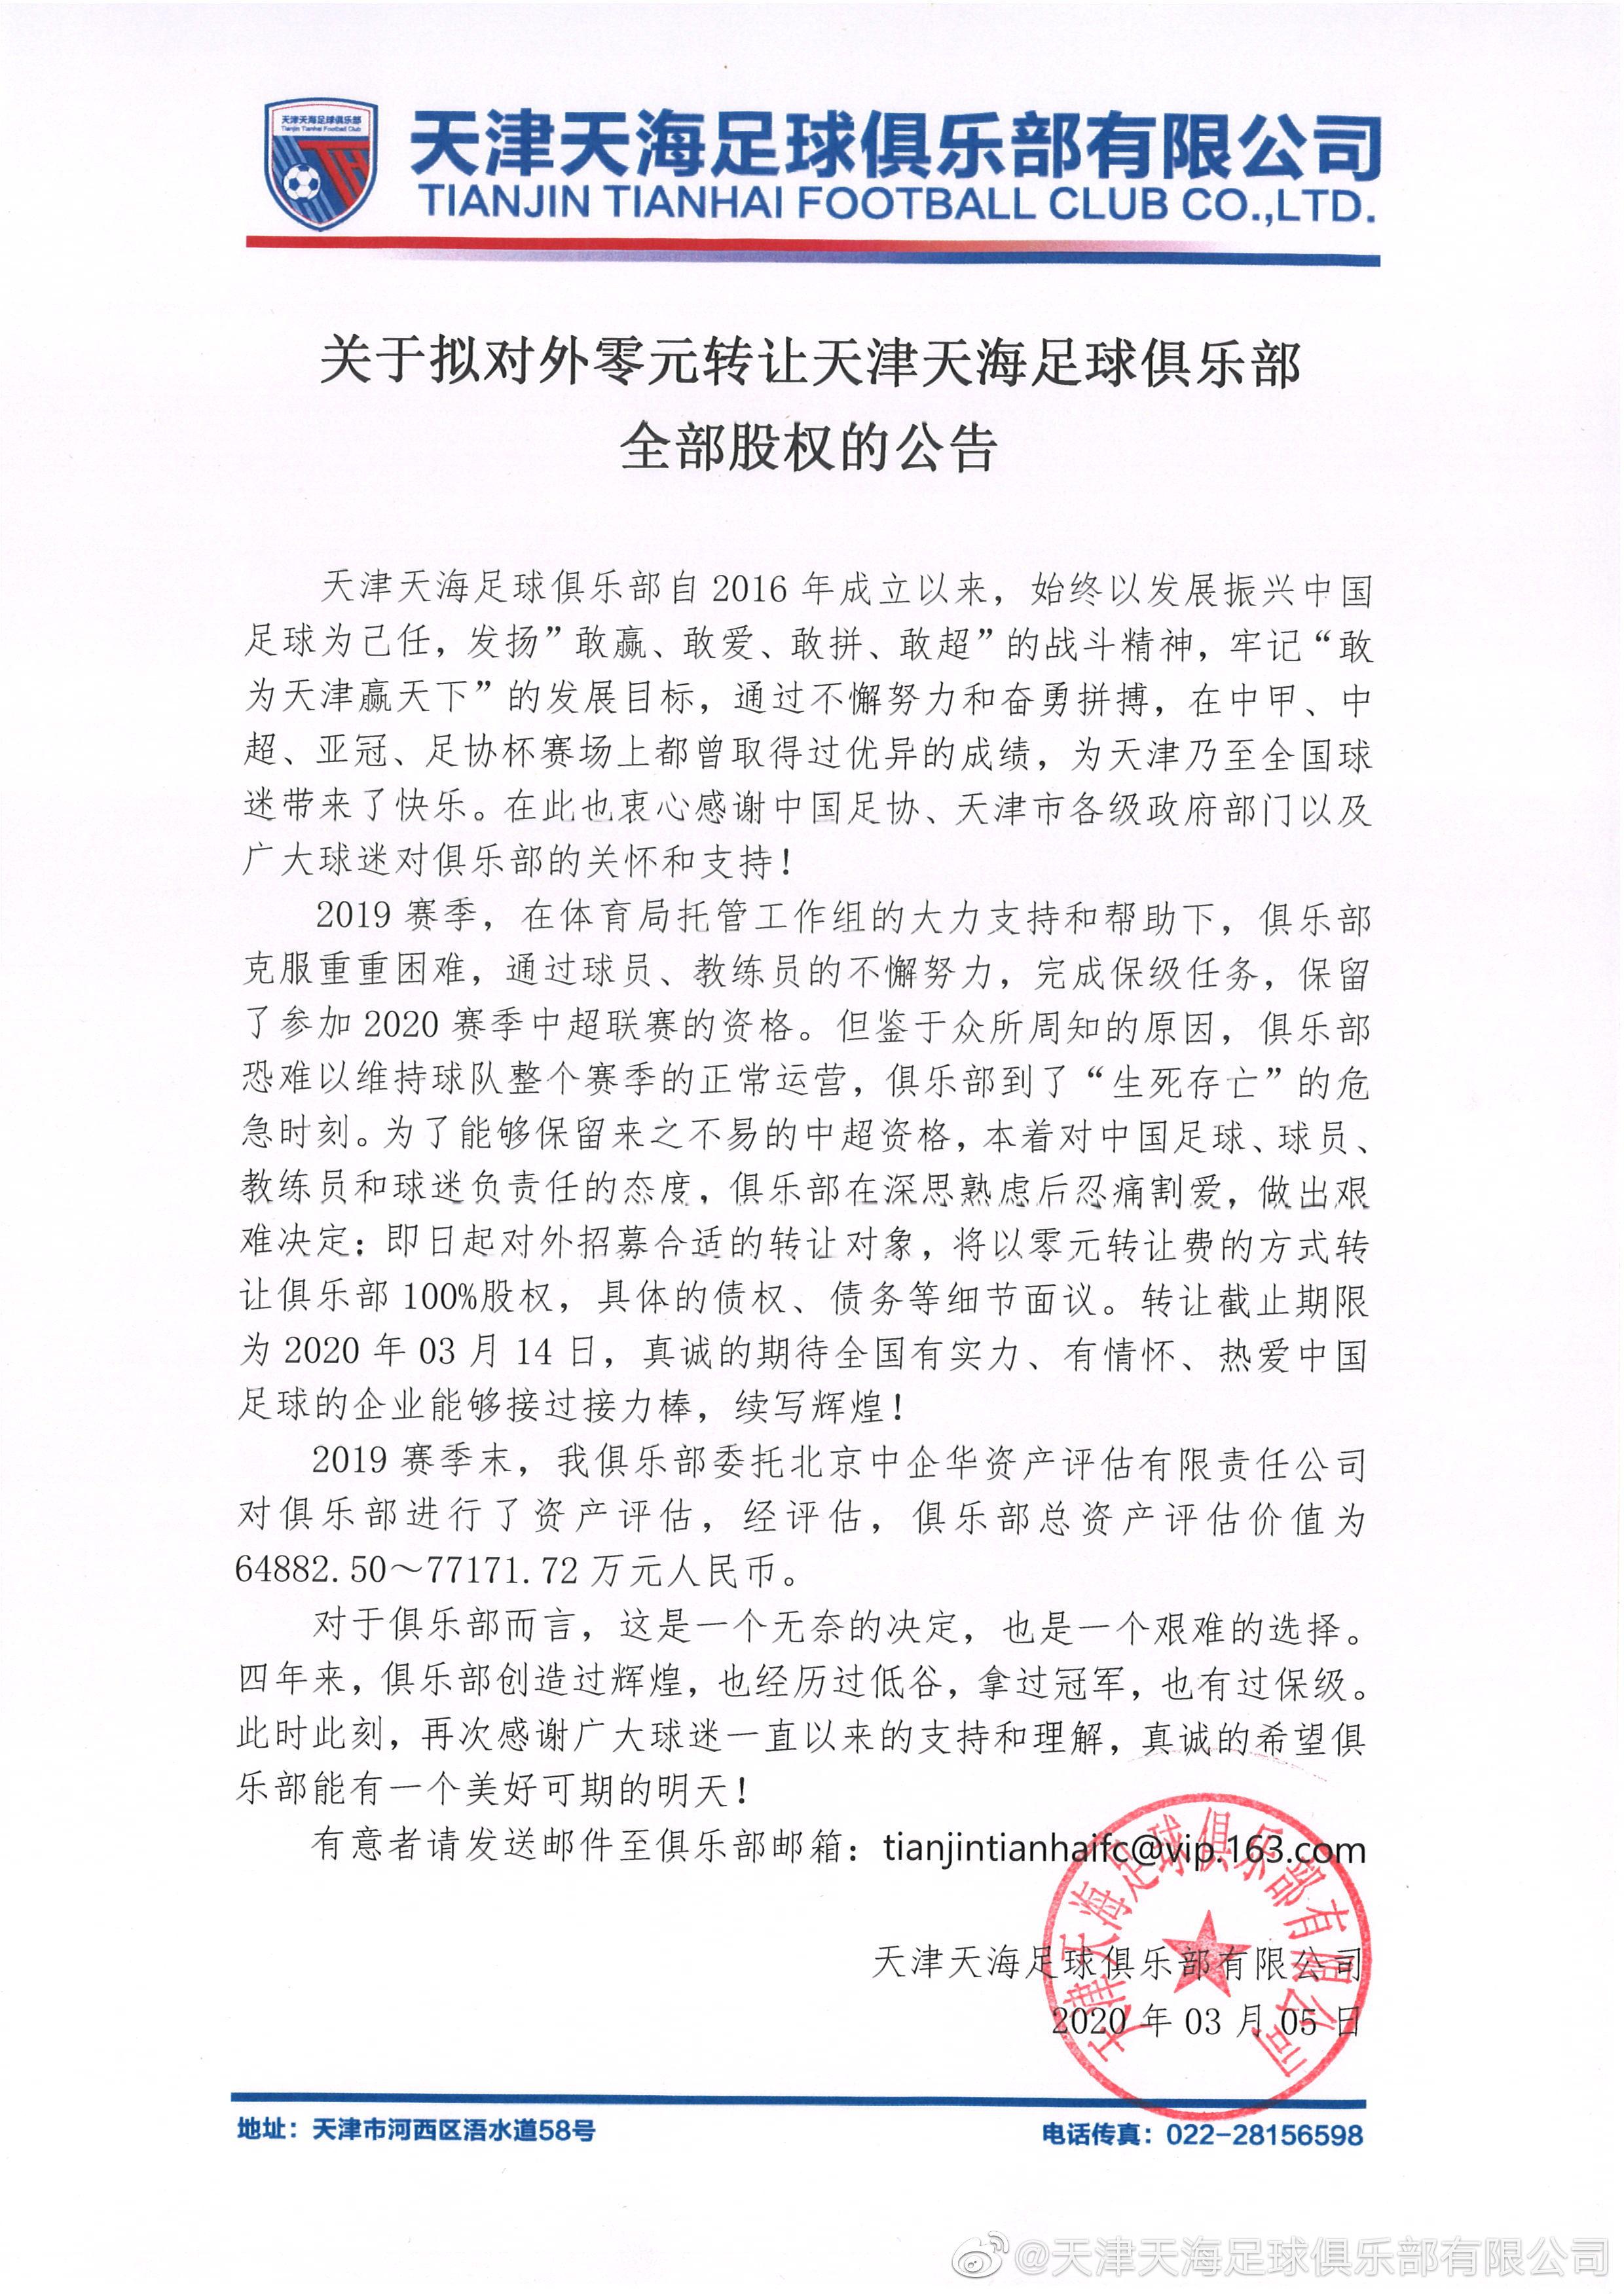 权健传销案判决两个月后,旗下足球俱乐部0元求转让